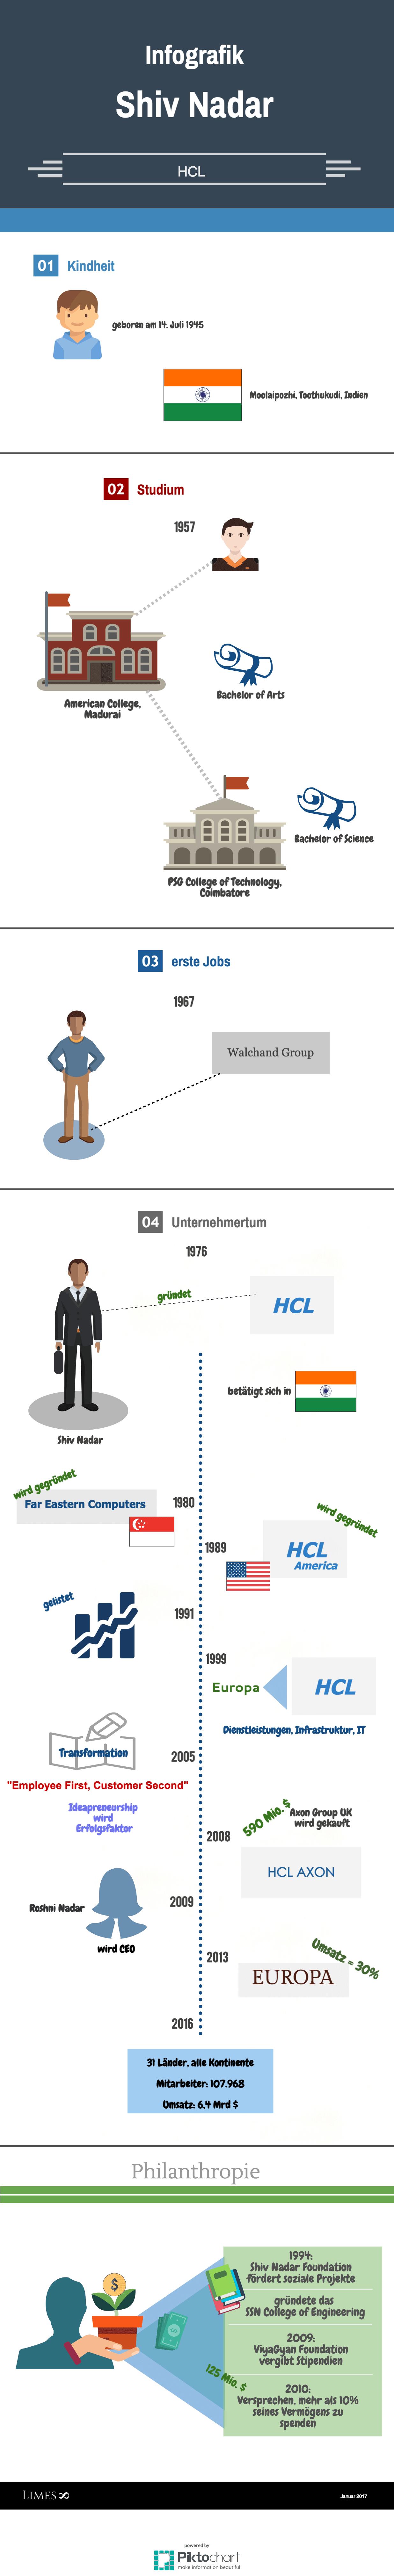 Informationsgrafik über den Milliardär Shiv Nadar